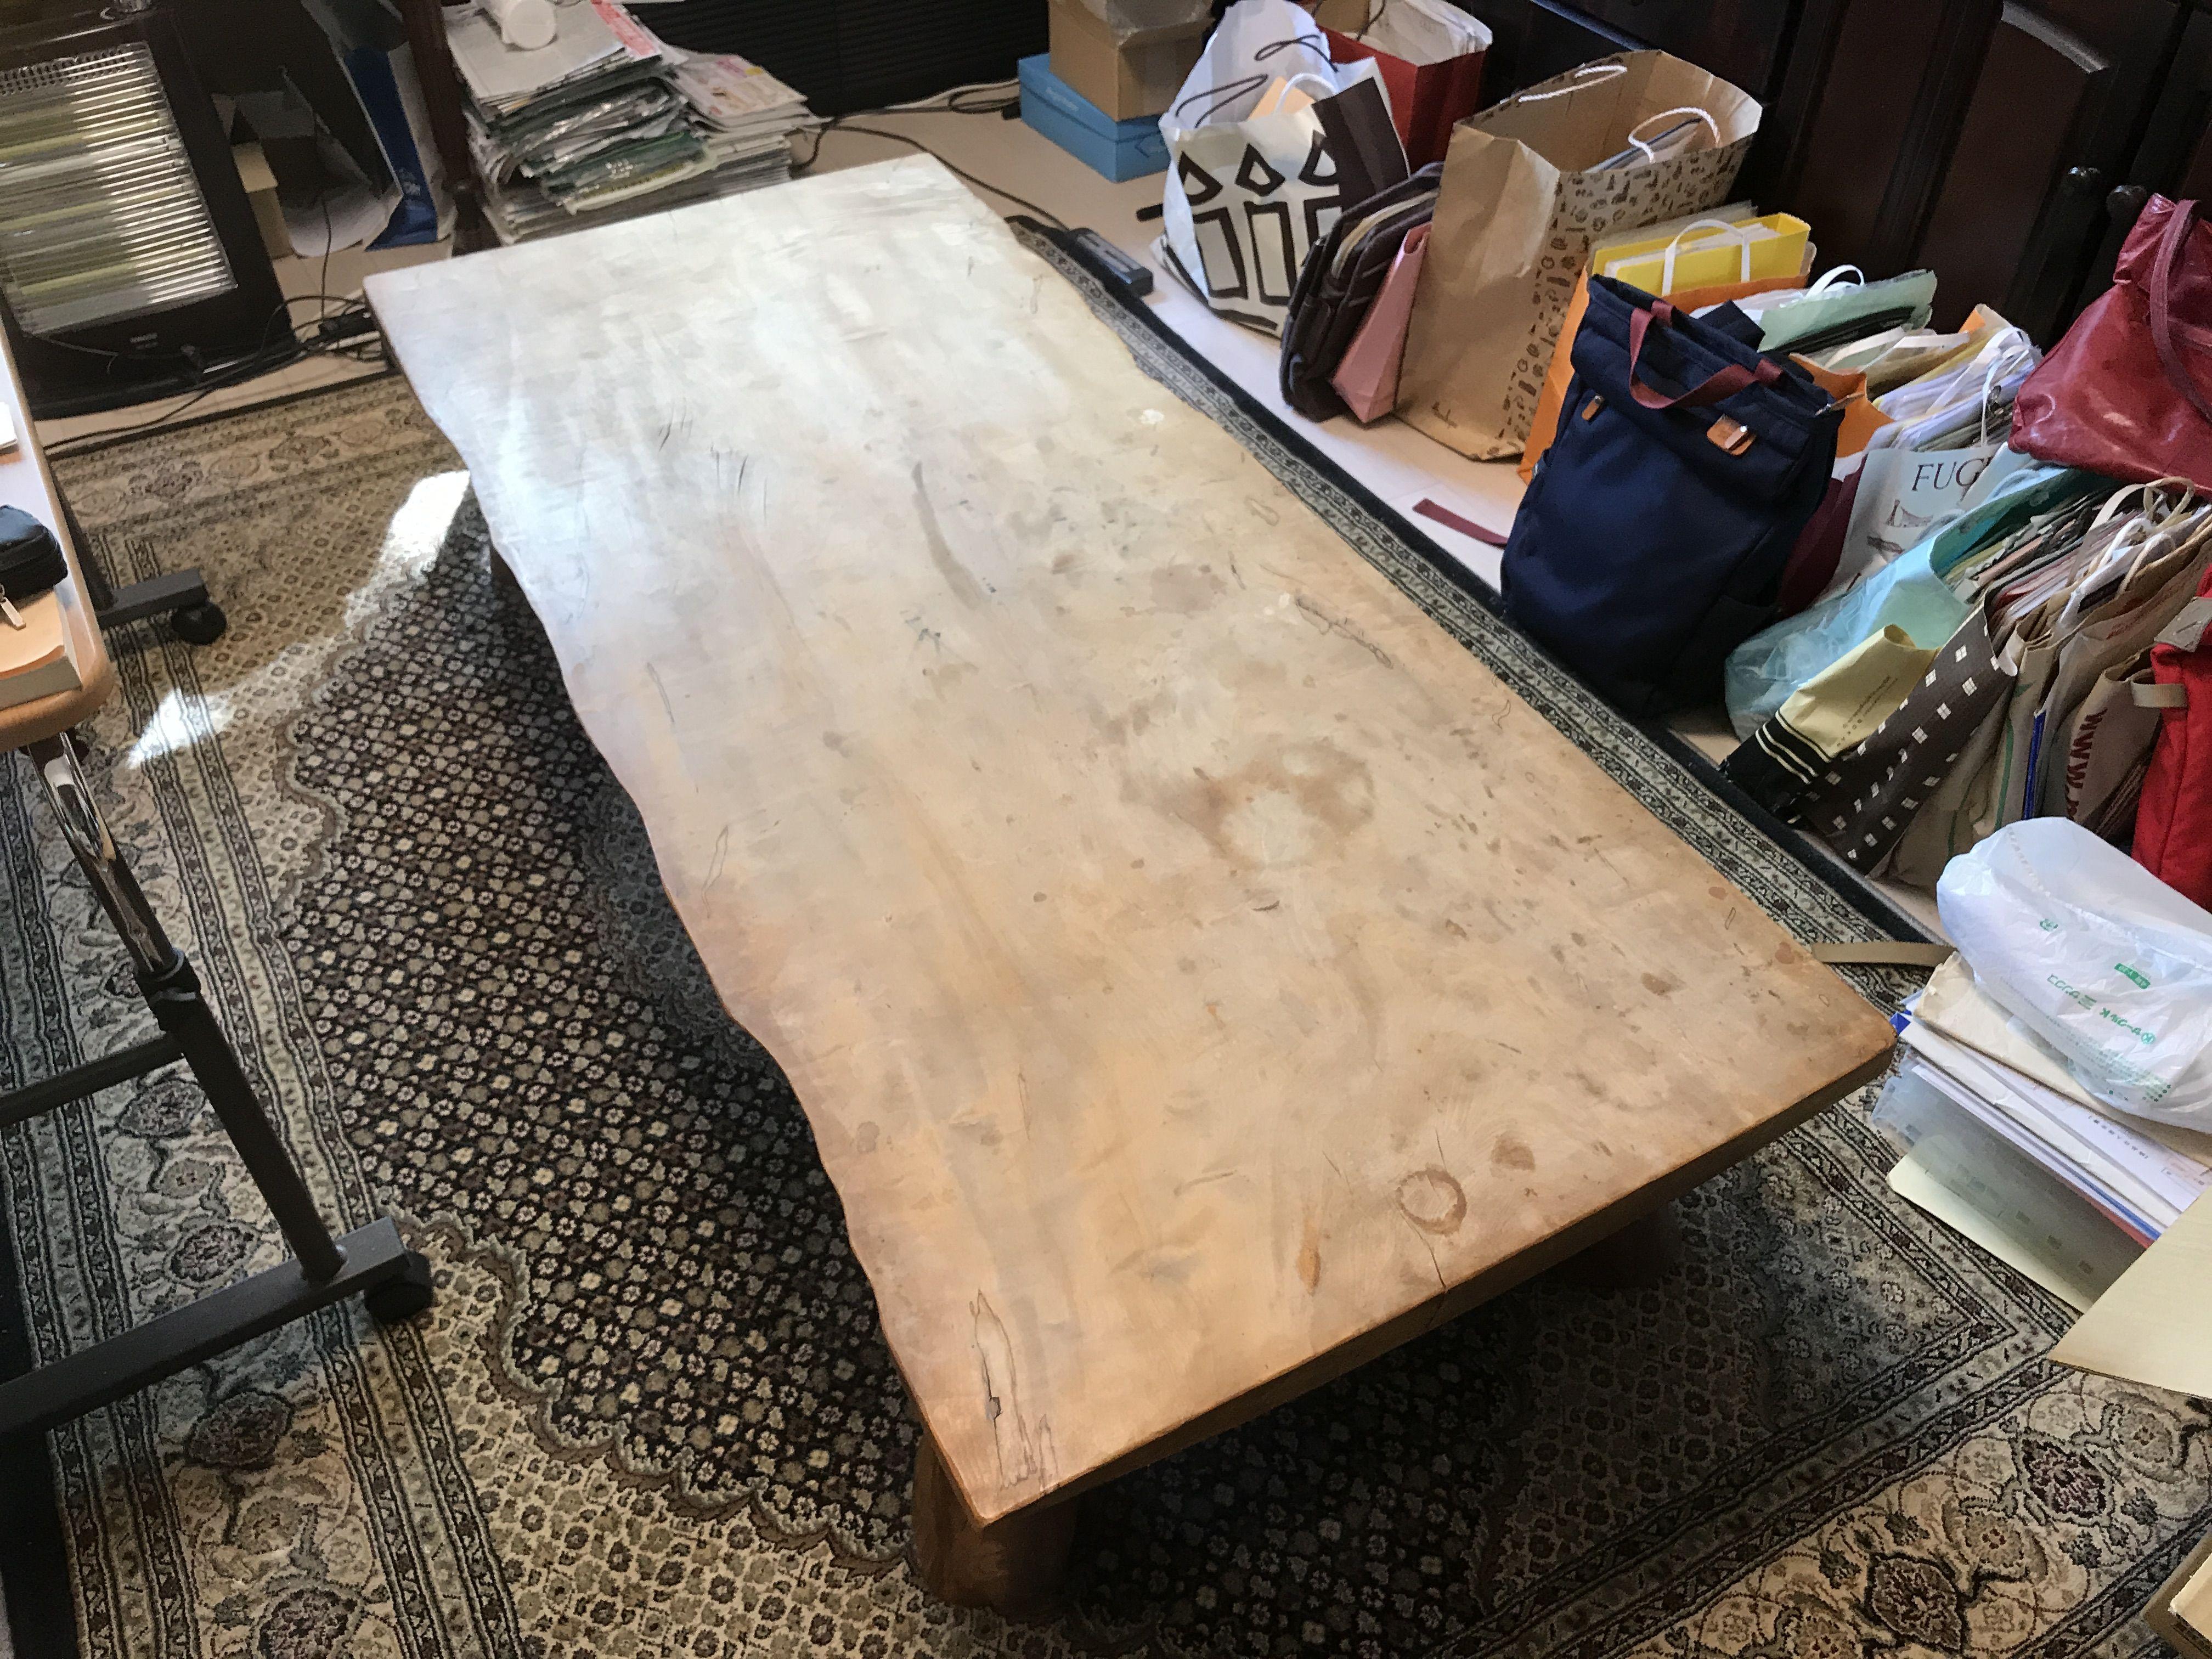 栃(トチ)の木無垢一枚板を使った座卓のダイニングテーブルへのリメイクご依頼いただきました